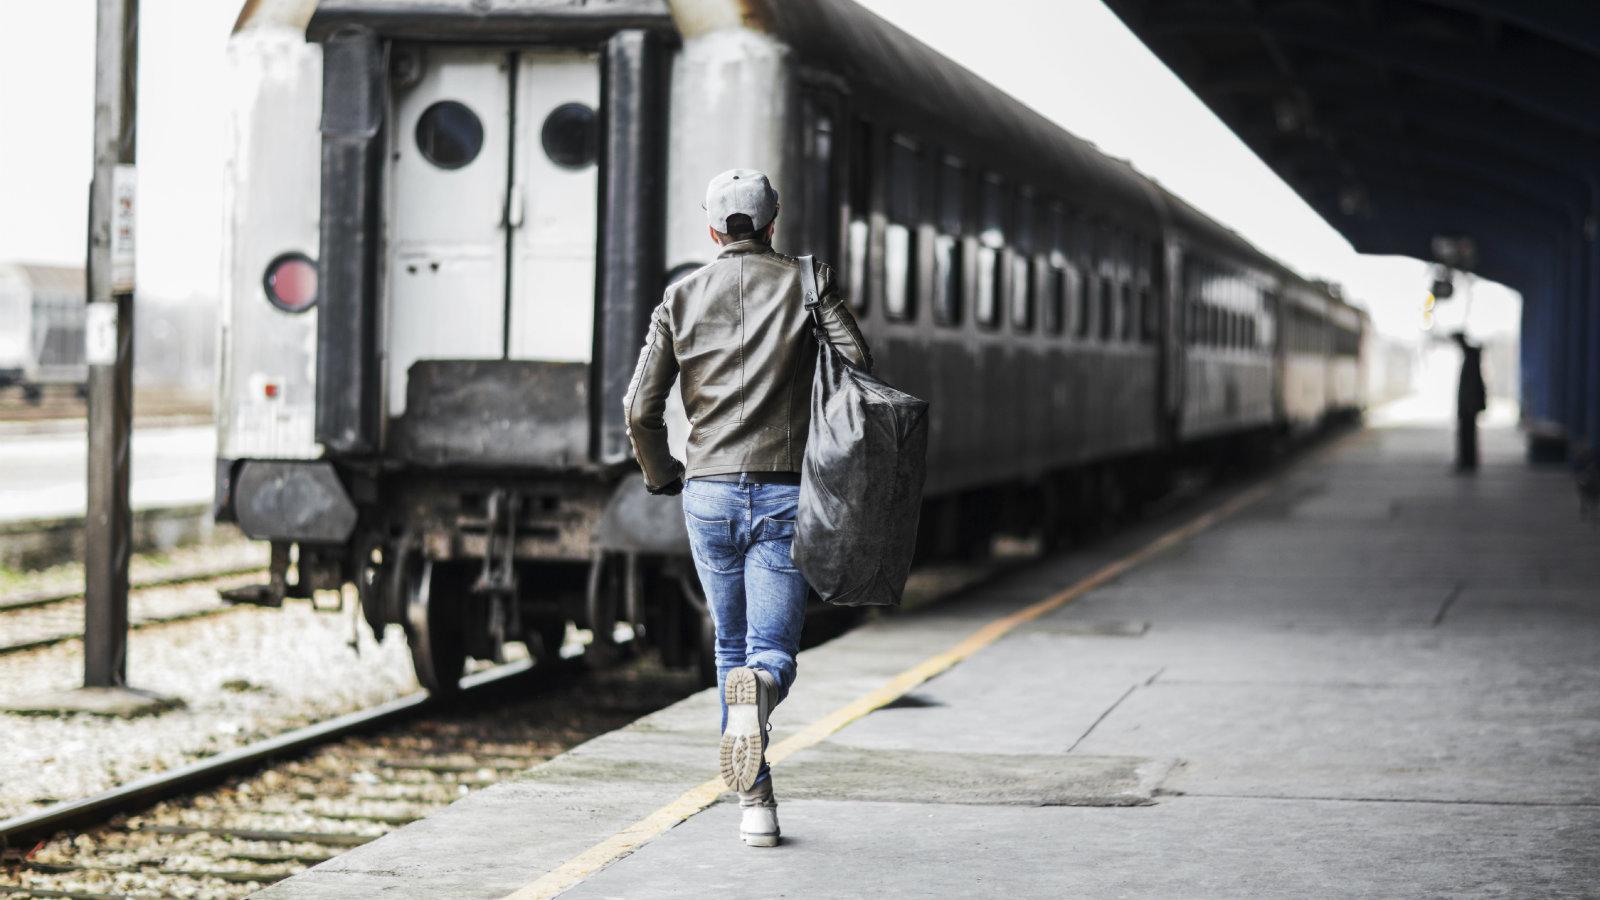 картинка человек опаздывает на поезд научиться